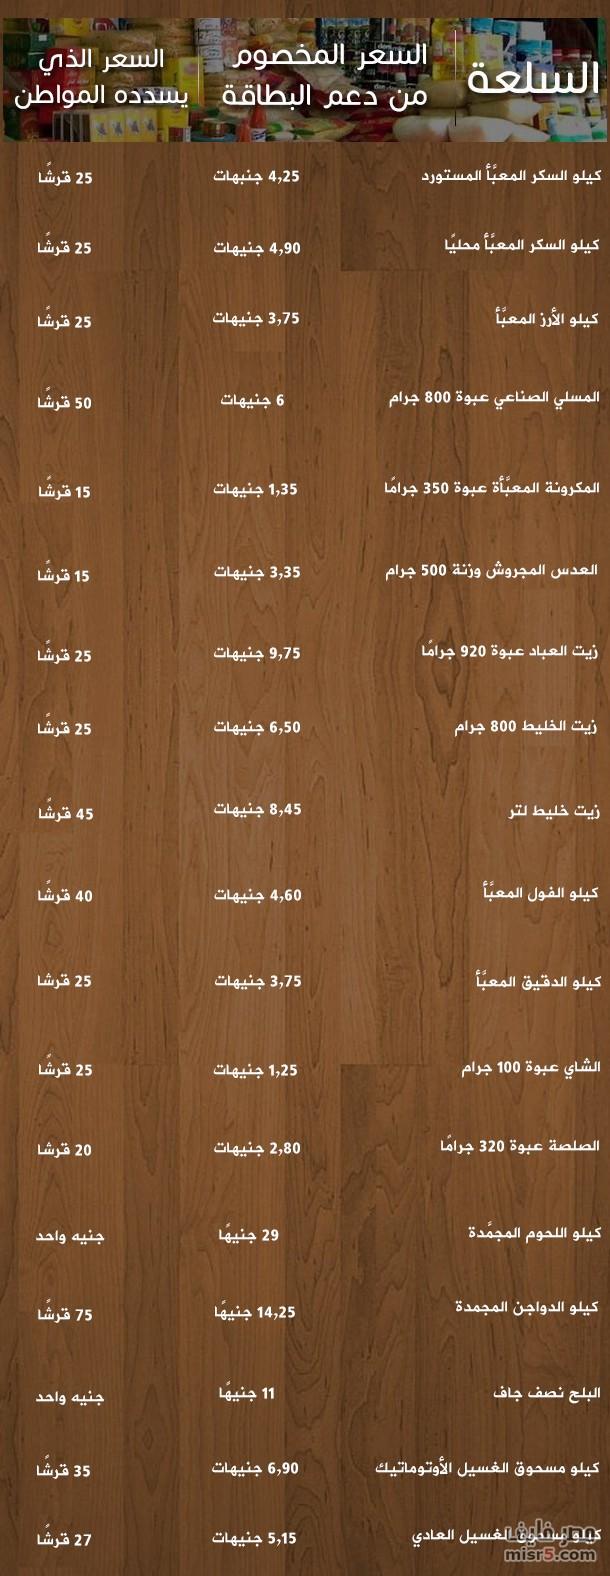 اسعار جميع السلع في مصر بعد قرارات الحكومة الأخيرة غاز – بنزين – سجائر – كهرباء